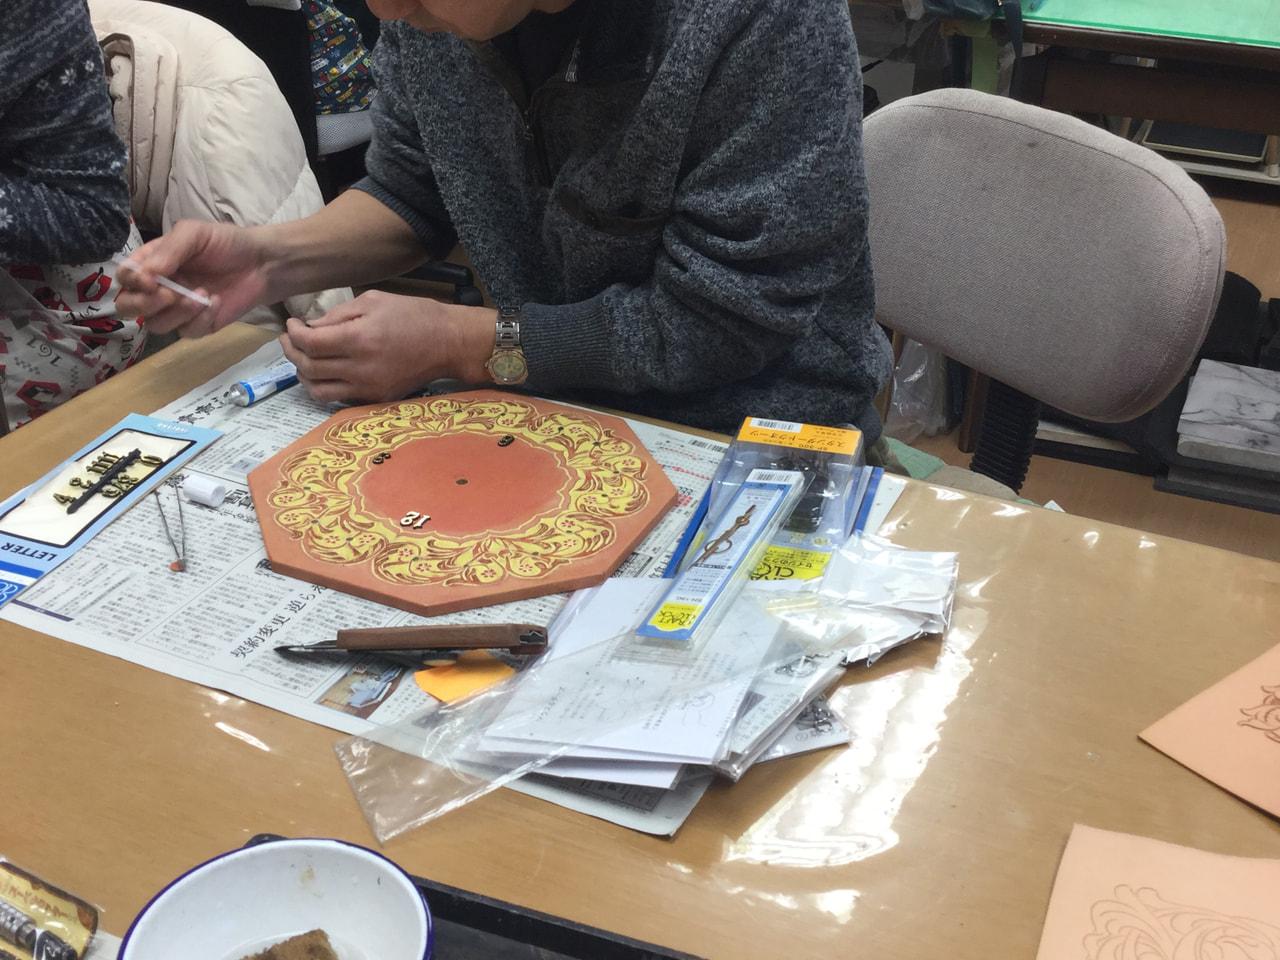 レザークラフト教室 日曜クラス12月2回目